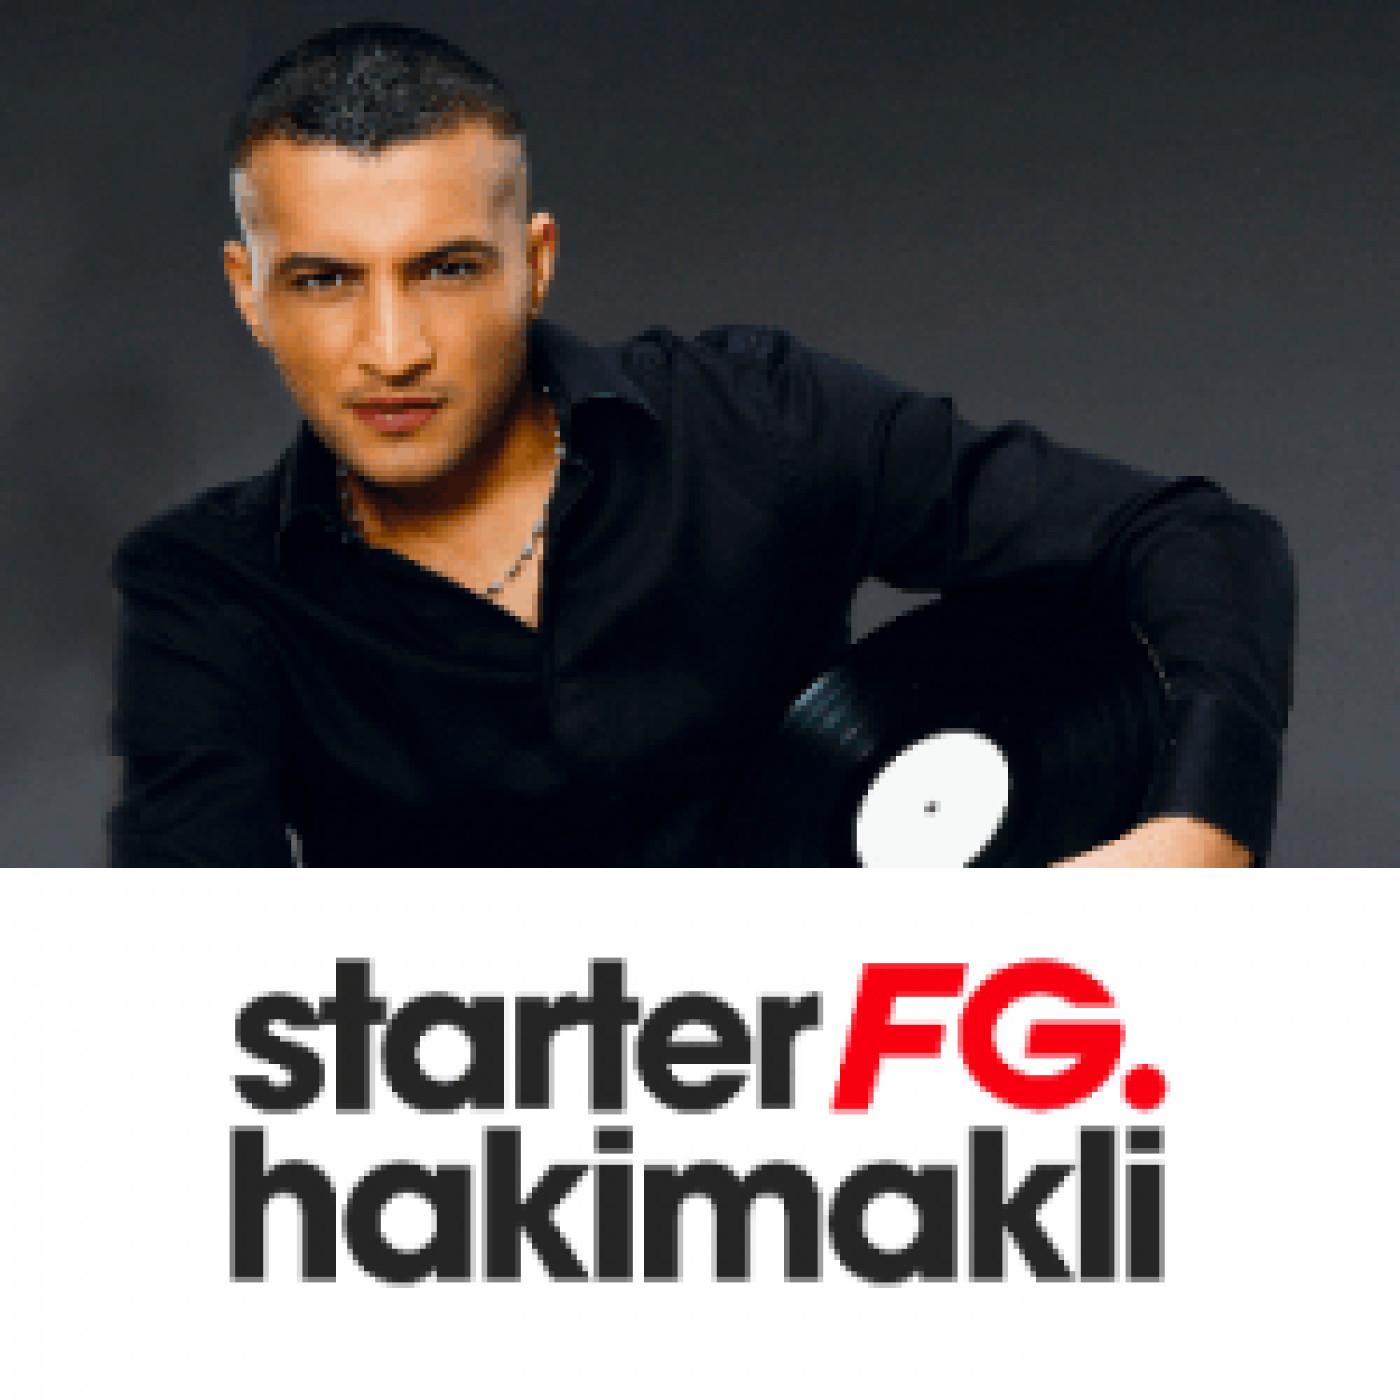 STARTER FG BY HAKIMAKLI MERCREDI 25 NOVEMBRE 2020